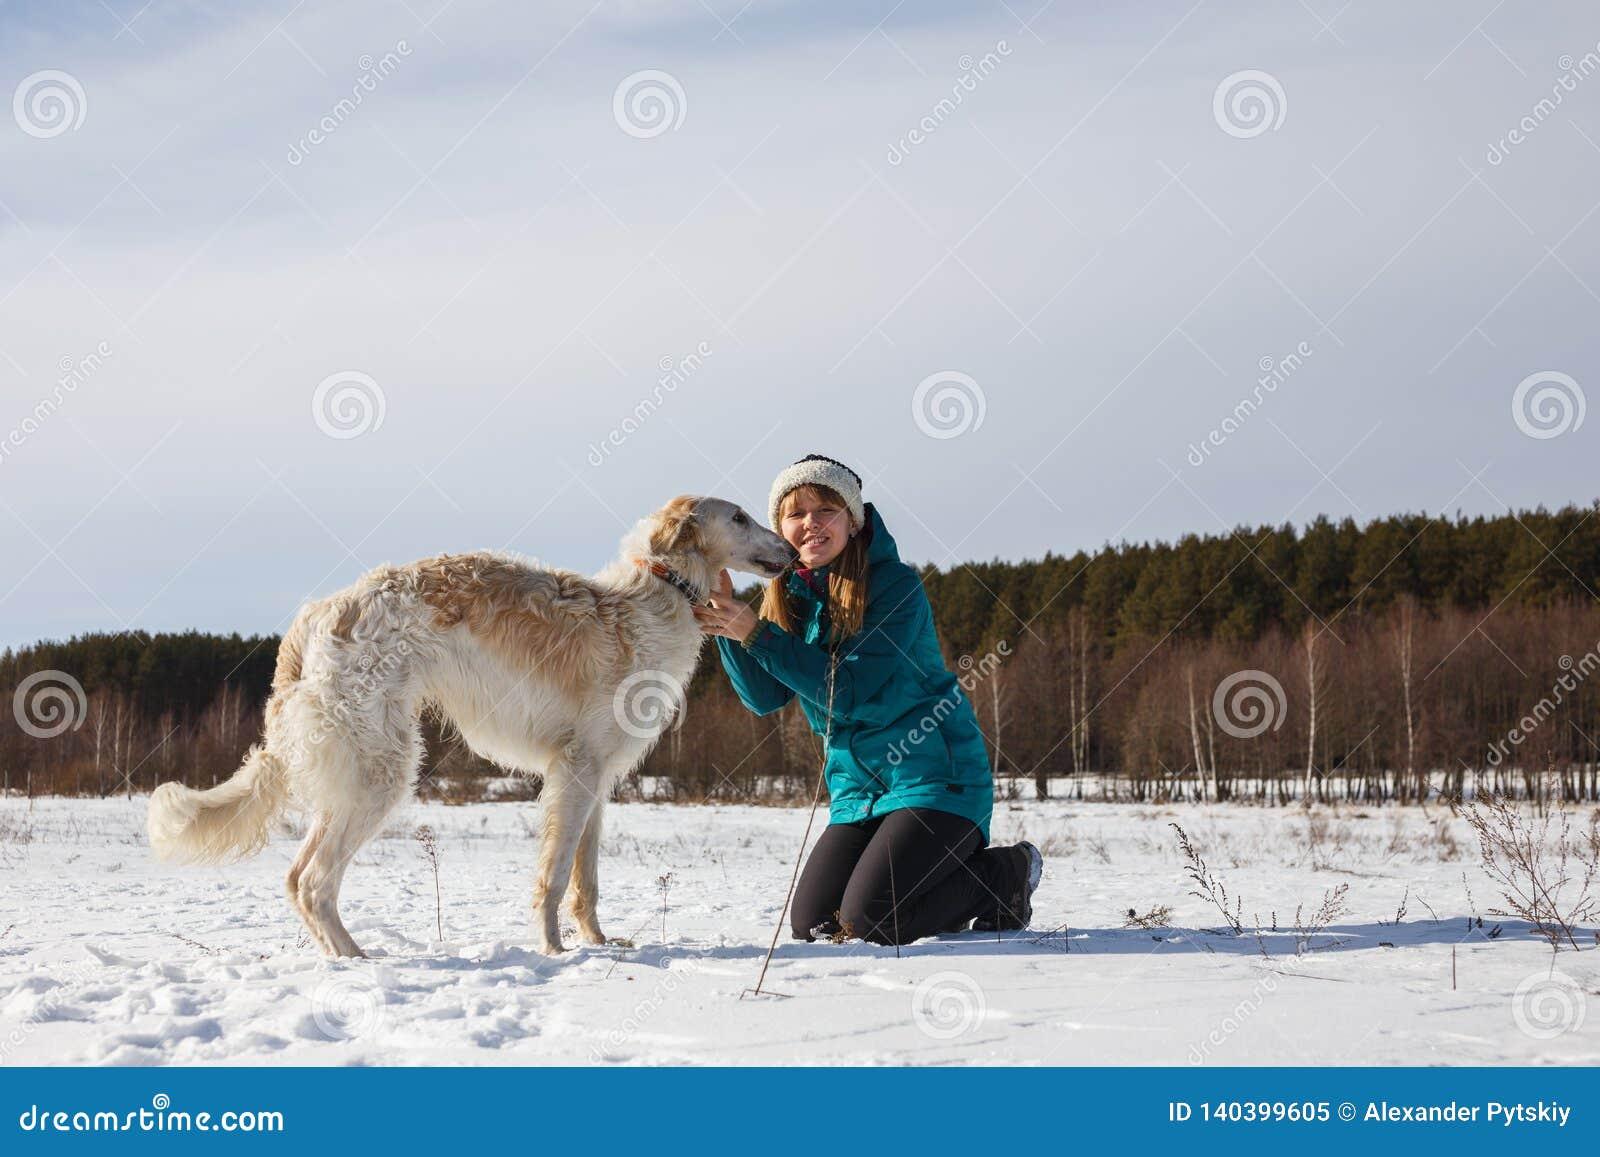 Ένα κορίτσι σε ένα πράσινο σακάκι σκι στα γόνατά της και ένα ρωσικό λευκό κυνηγόσκυλο σε έναν χιονώδη τομέα τον ηλιόλουστο χειμών